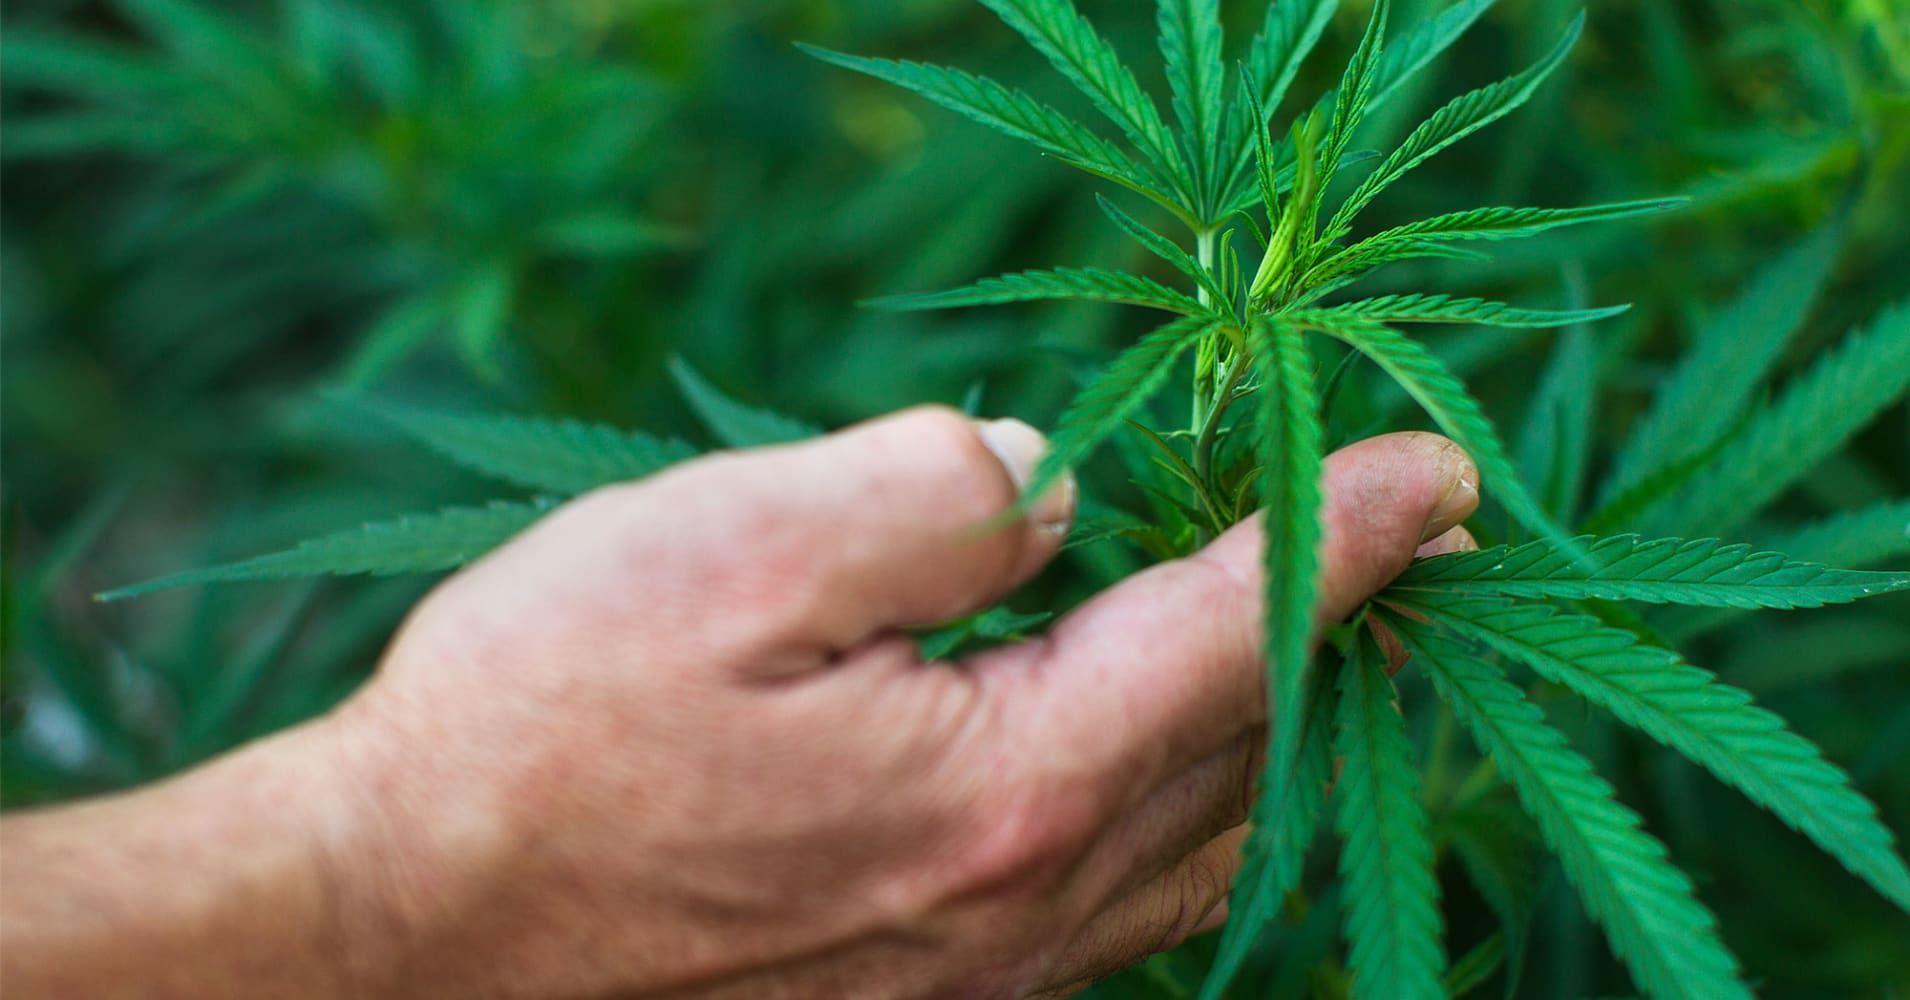 Marijuana market to reach $50 billion in decade: Cowen